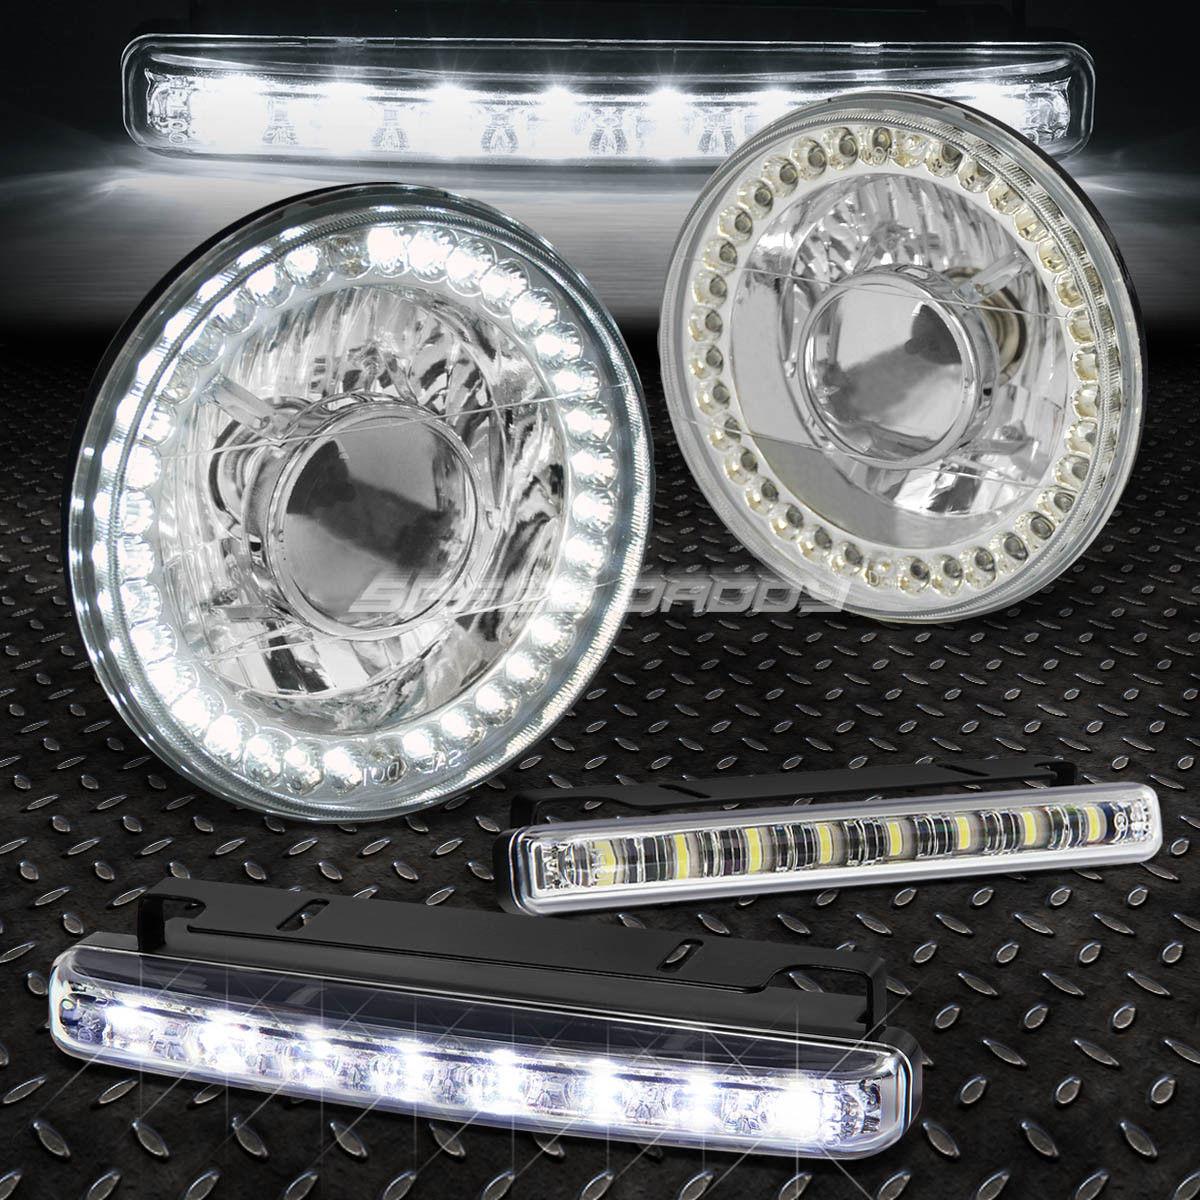 車用品・バイク用品 >> 車用品 >> パーツ >> ライト・ランプ >> その他 フォグライト 7